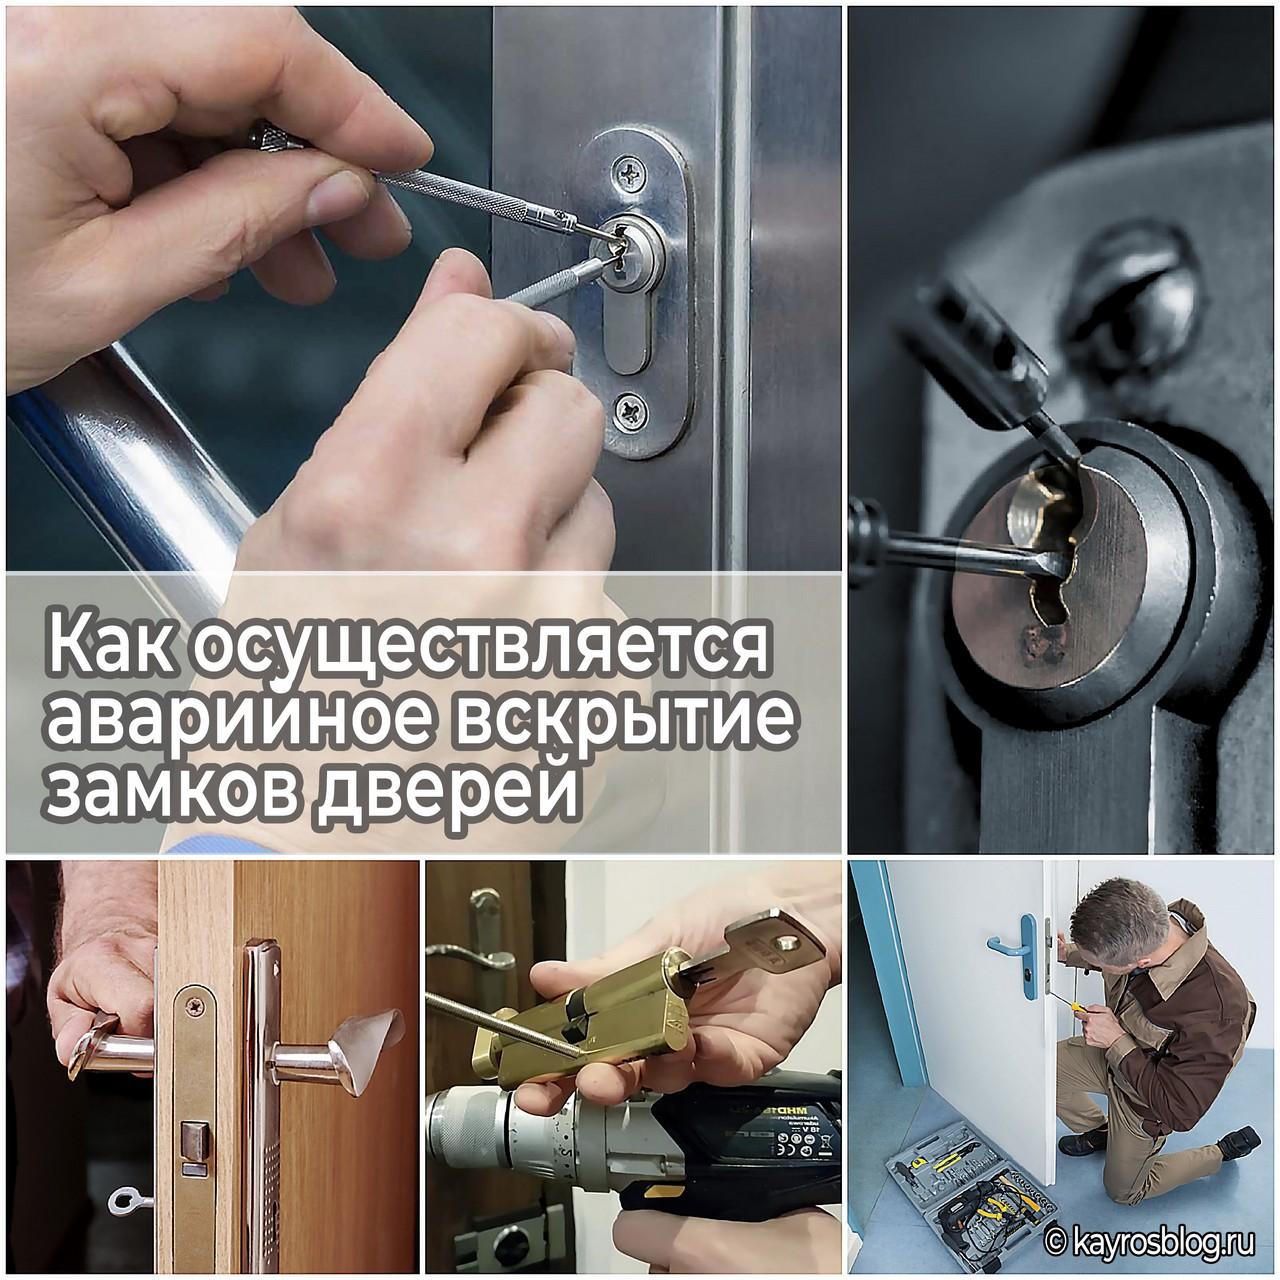 Как осуществляется аварийное вскрытие замков дверей